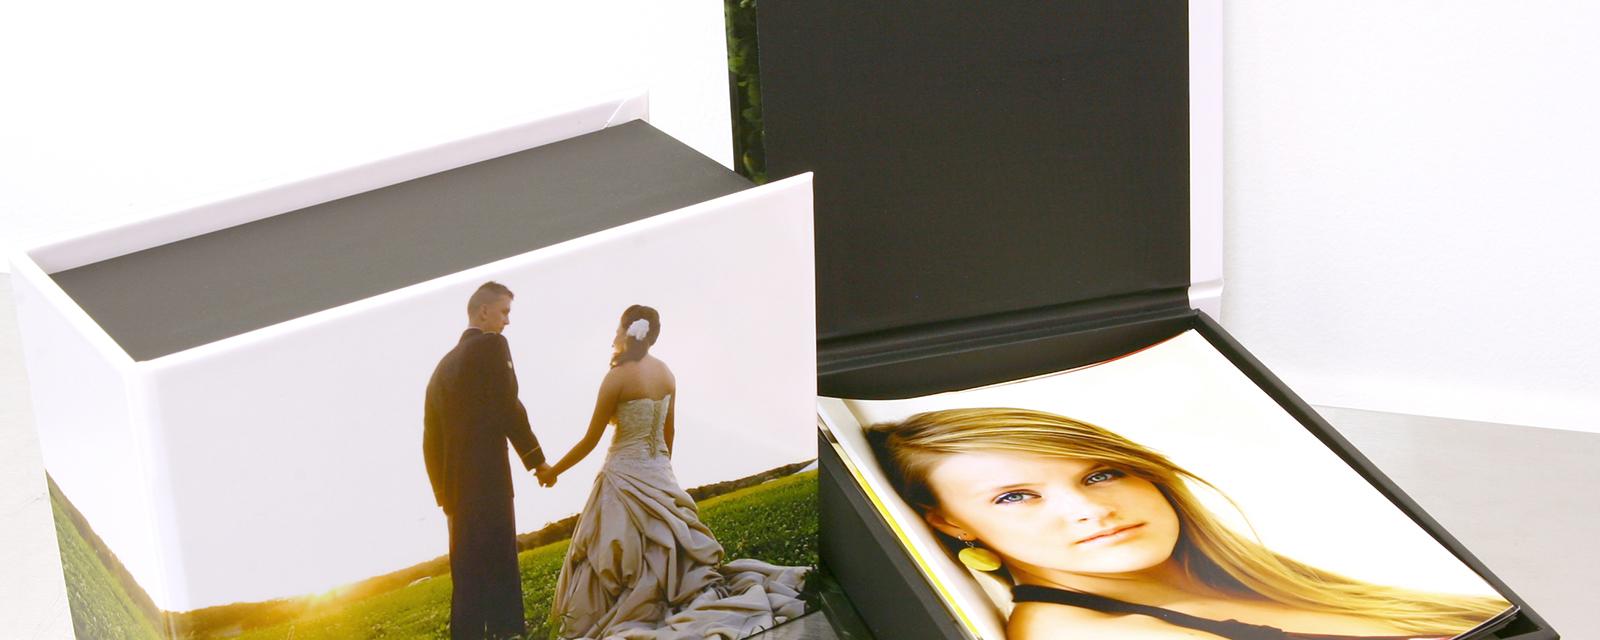 Photo Print Boxes